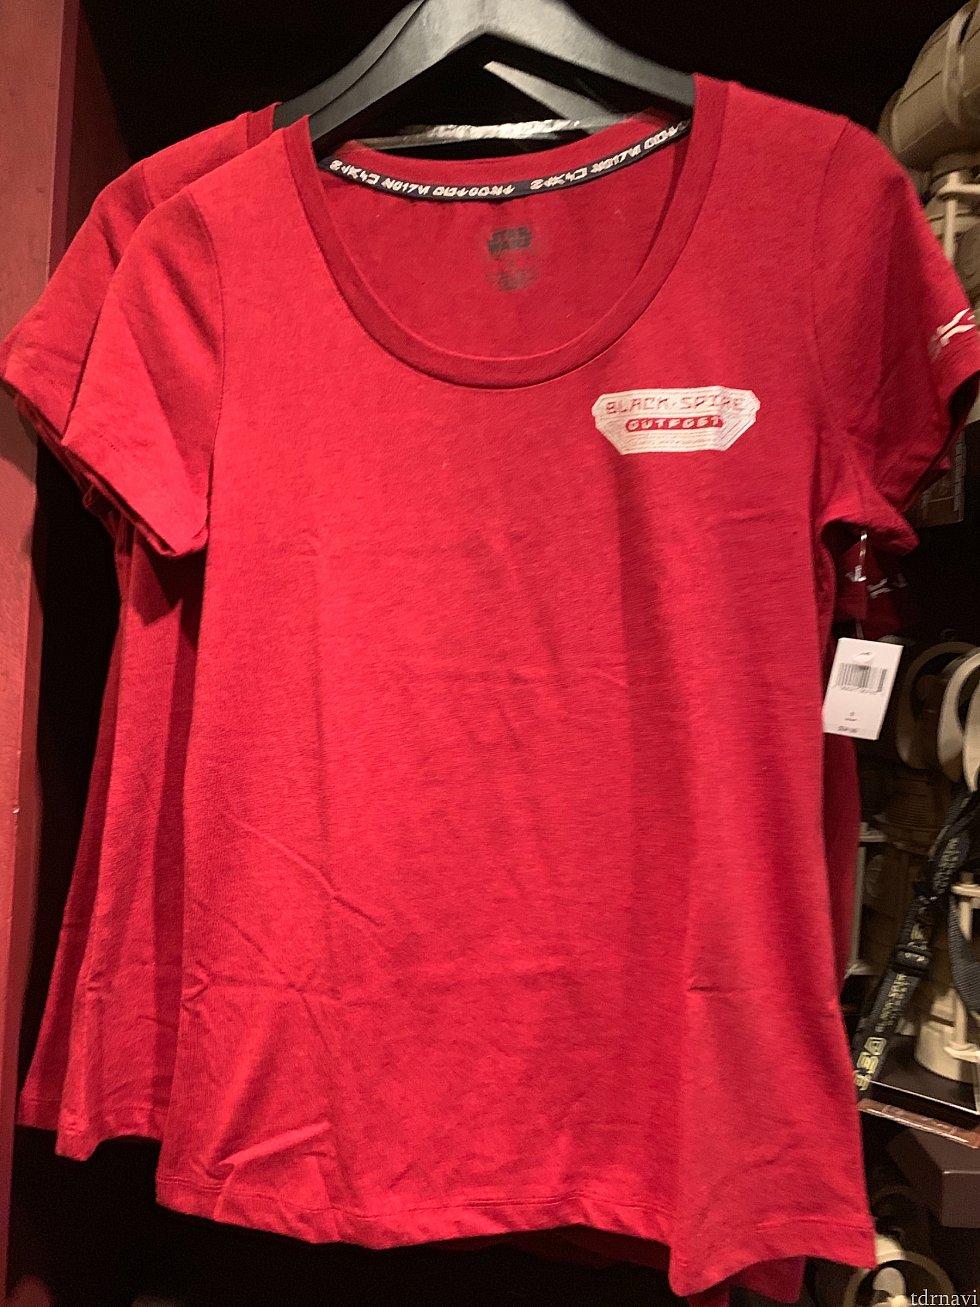 レディース用Tシャツ。 35ドル。